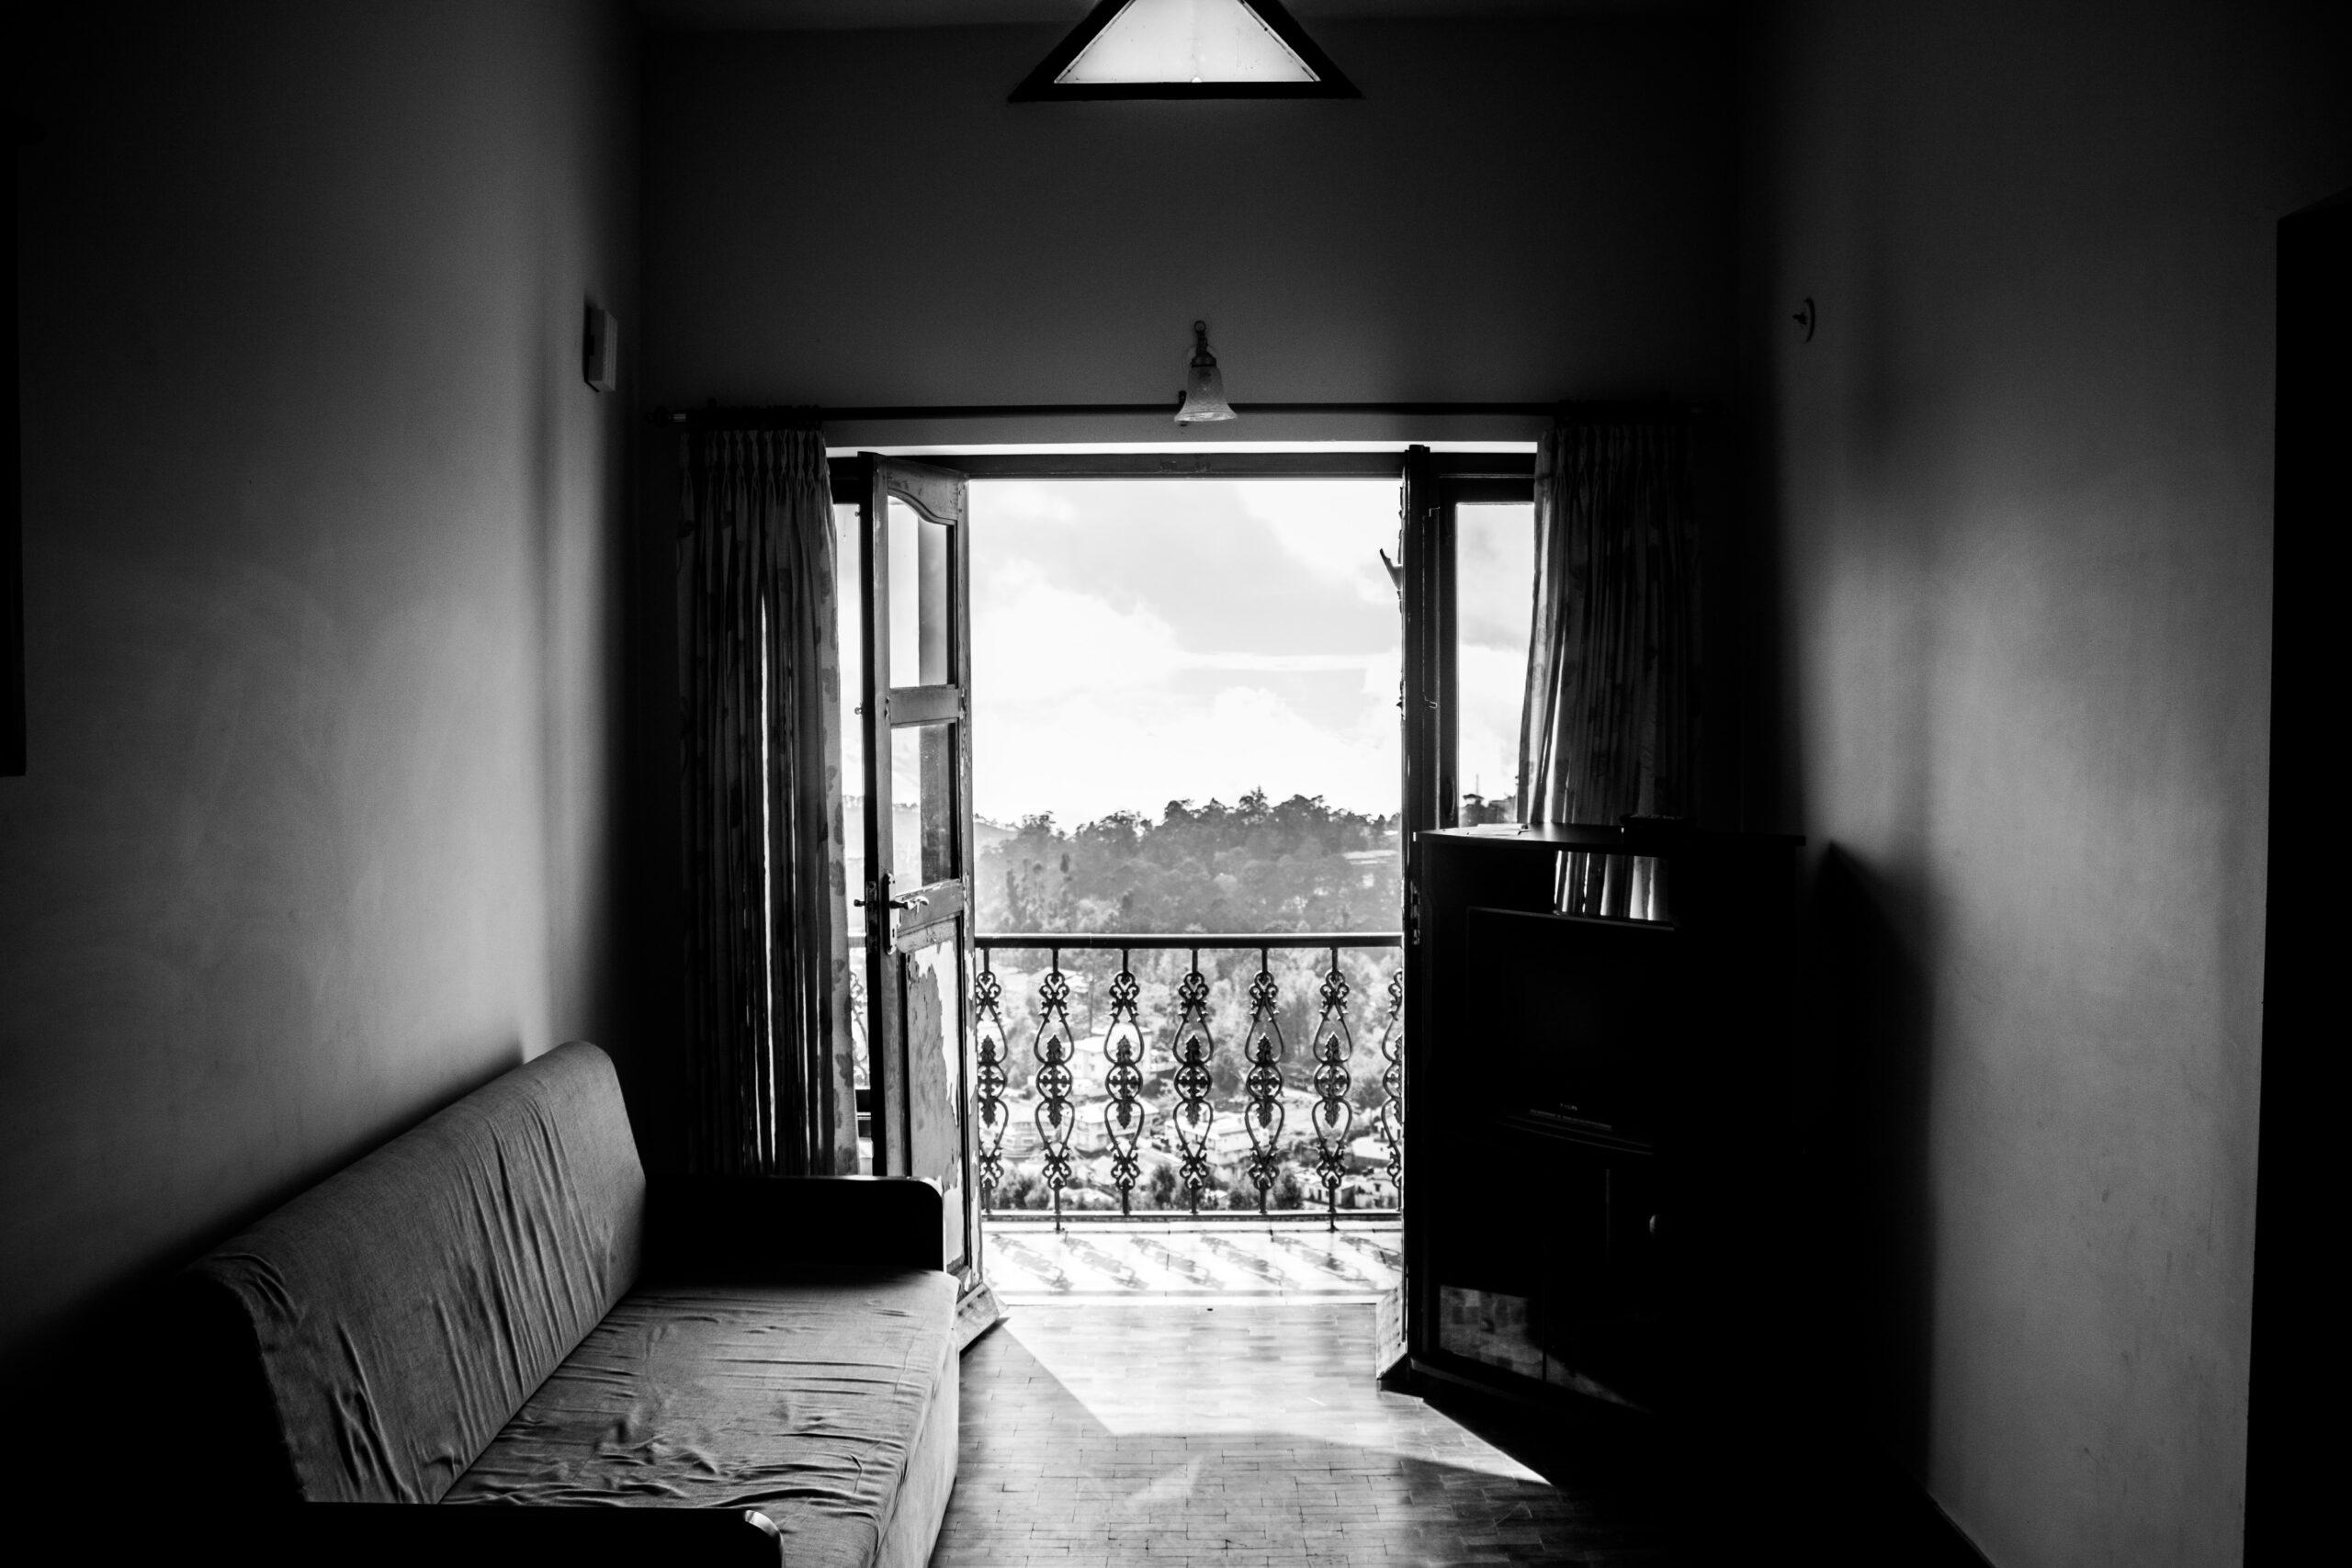 Nedgången öde lägenhet, man ser ut genom öppna balkongdörrar på vacker vy. Svartvit.